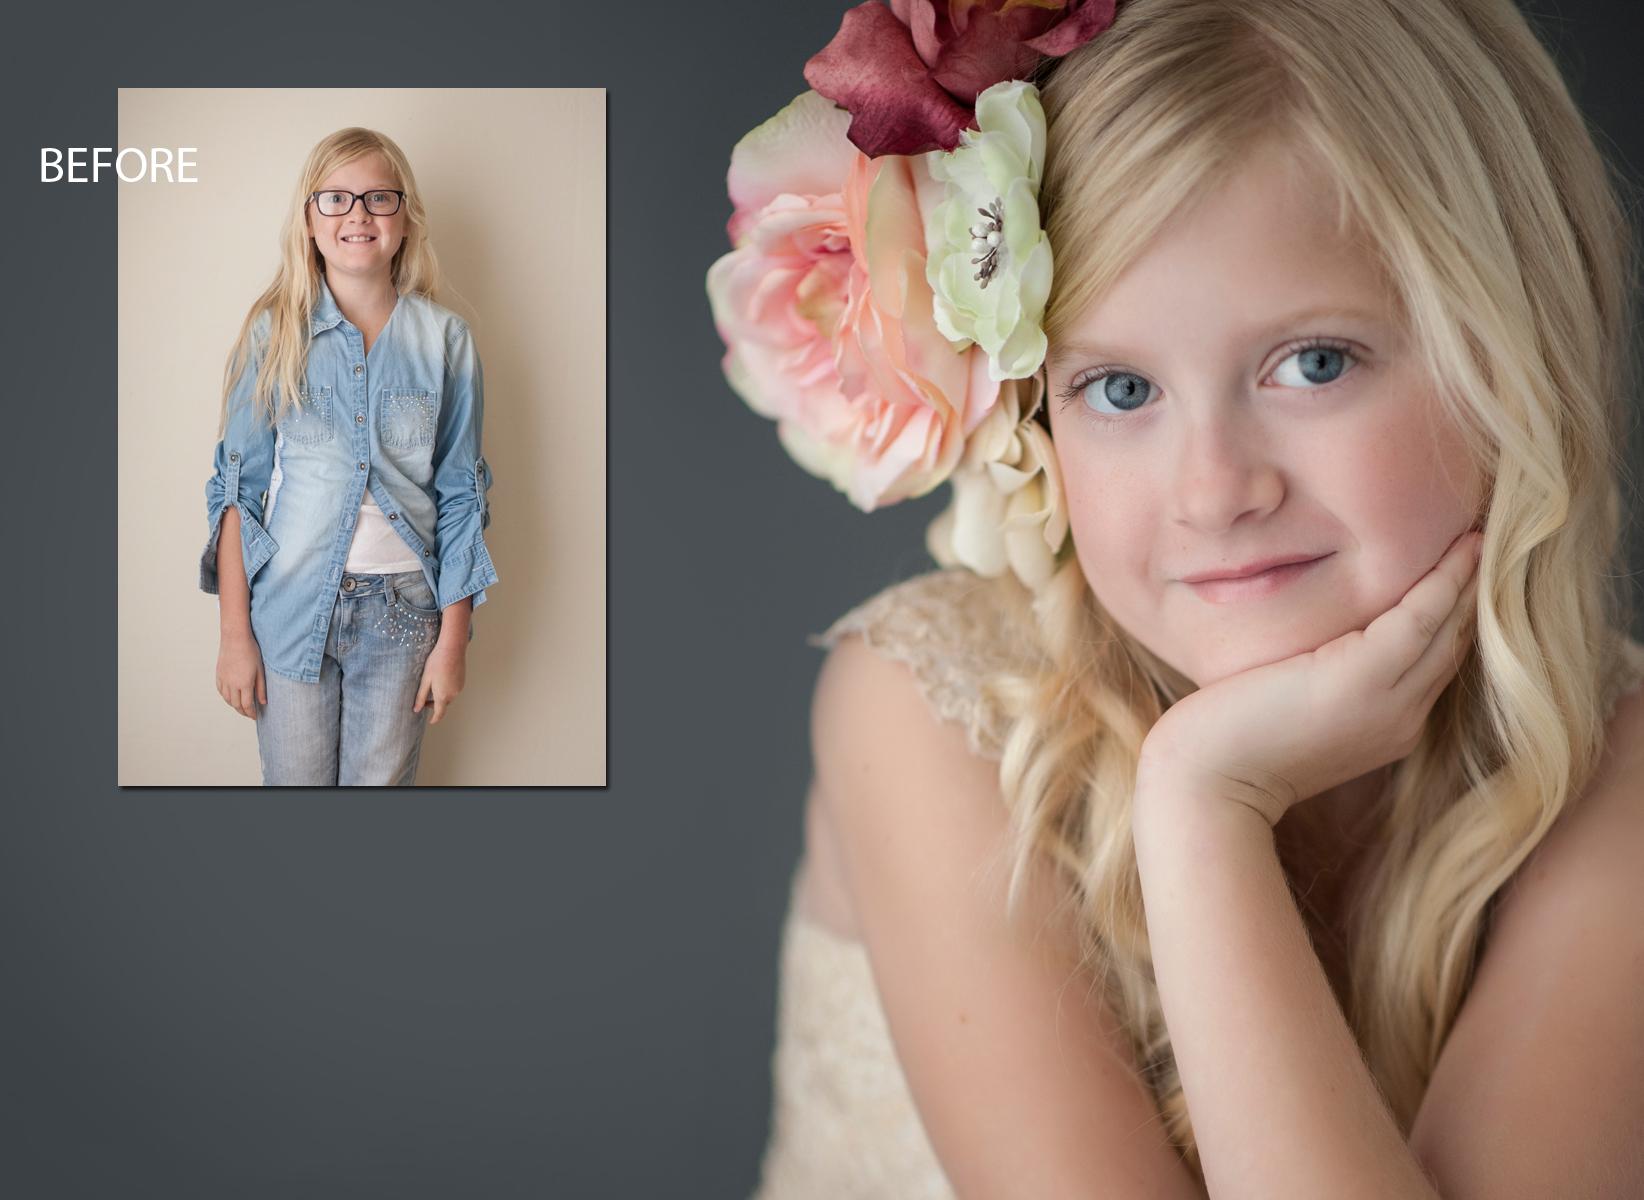 13-girl-child-beauty-posing.jpg